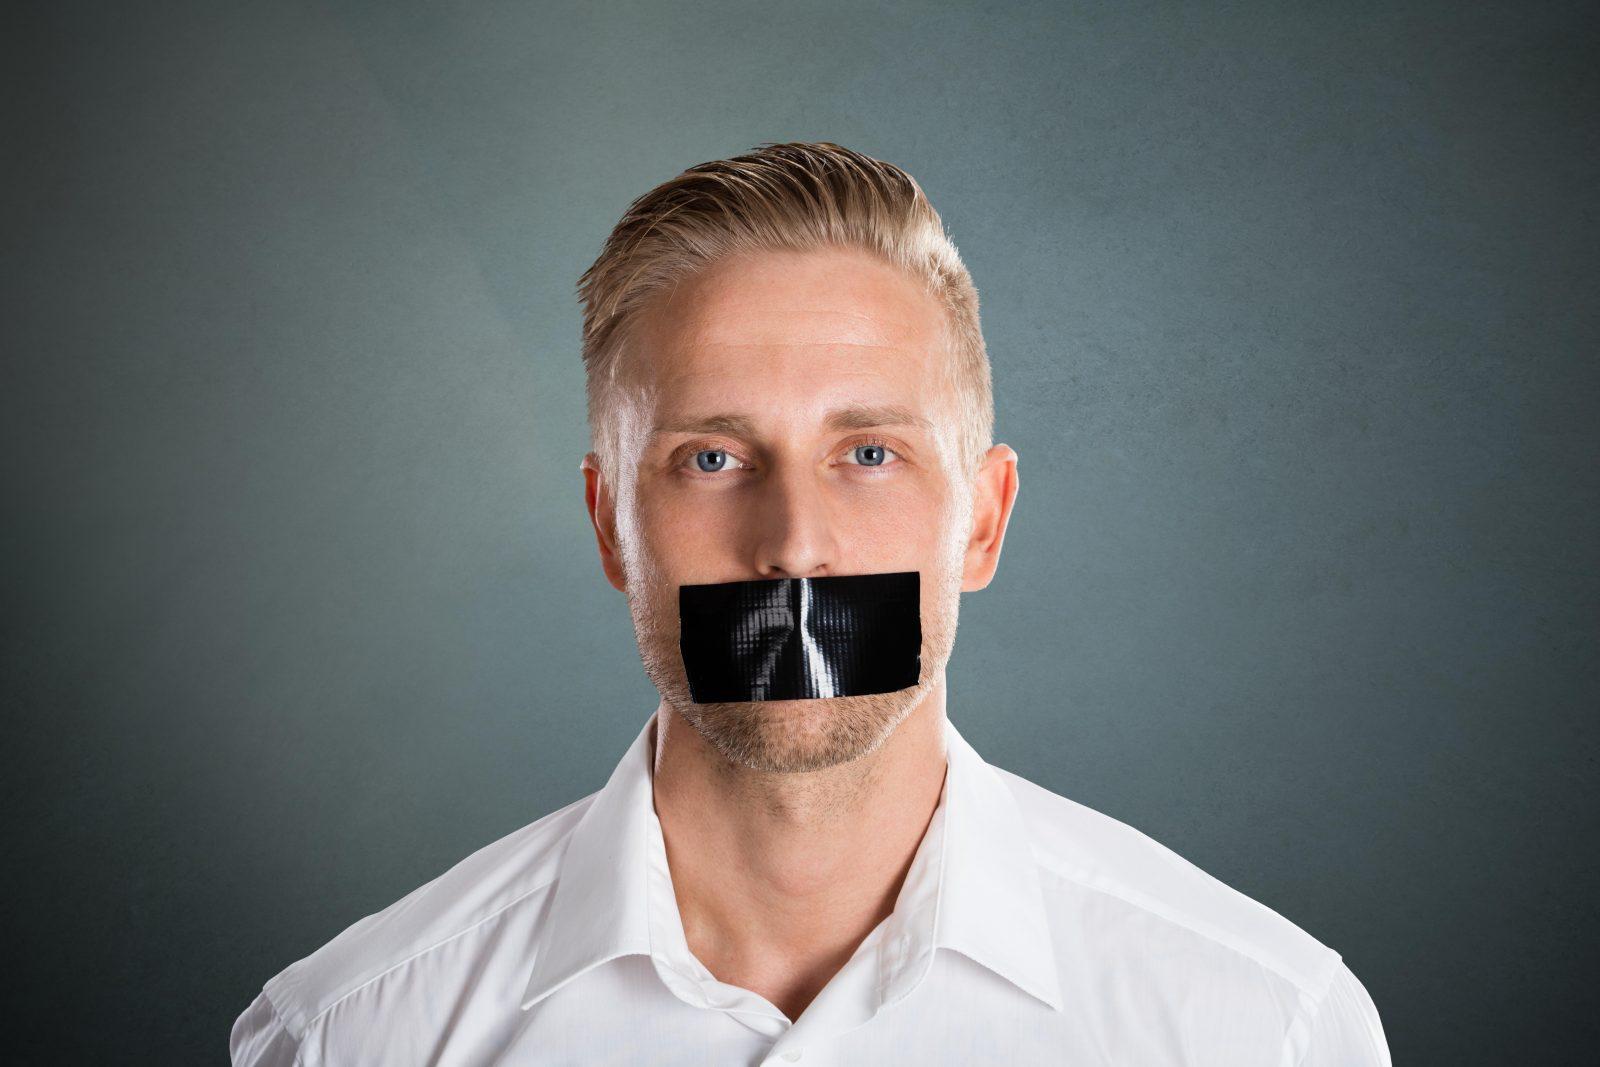 Meinungseinschränkung durch politische Korrektheit Foto: picture alliance / PantherMedia